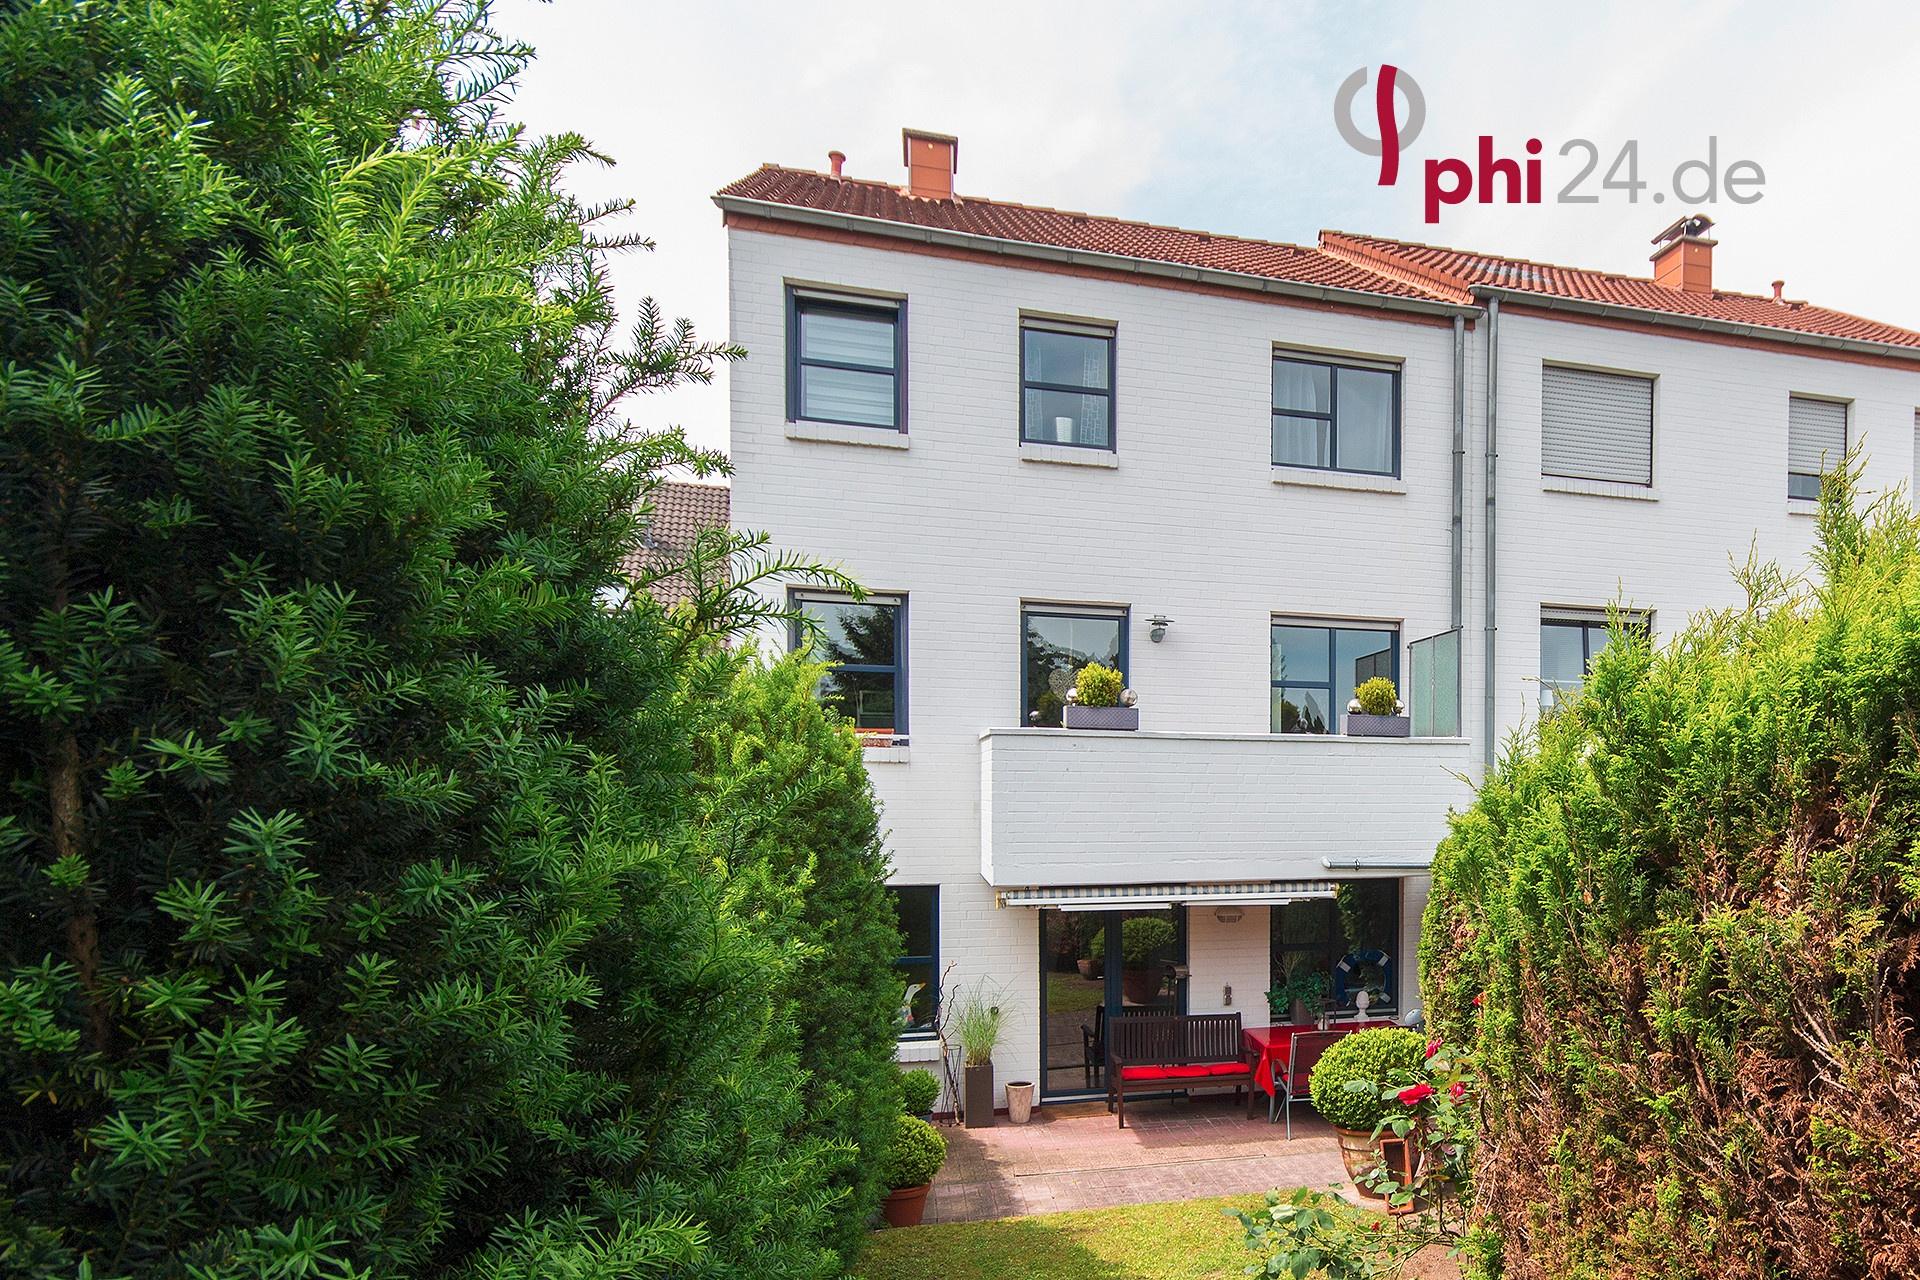 Immobilienmakler Eschweiler Reihenendhaus referenzen mit Immobilienbewertung